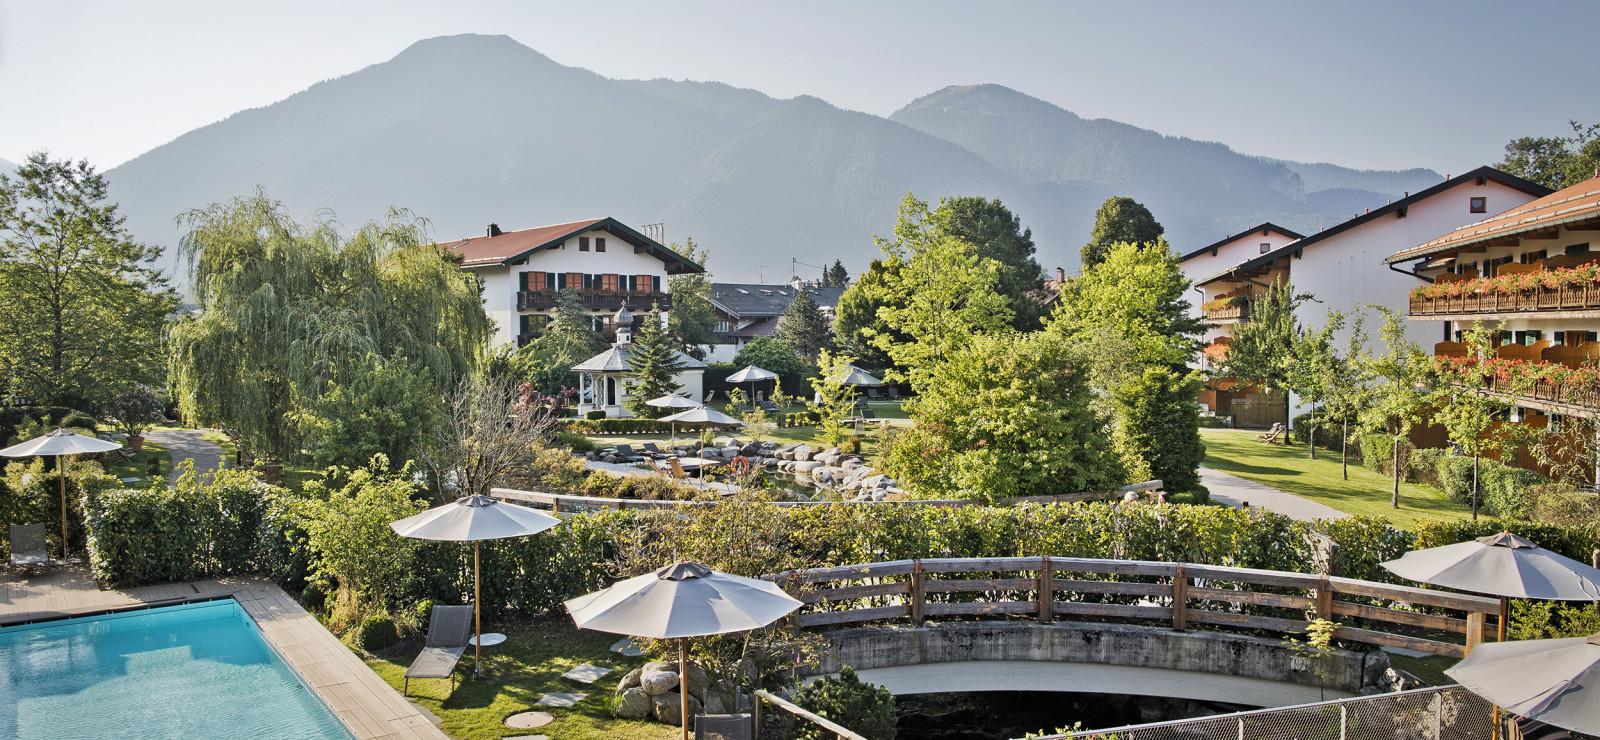 Resort- und Wellnesshotel Bachmair Weissach Bilder | Bild 1